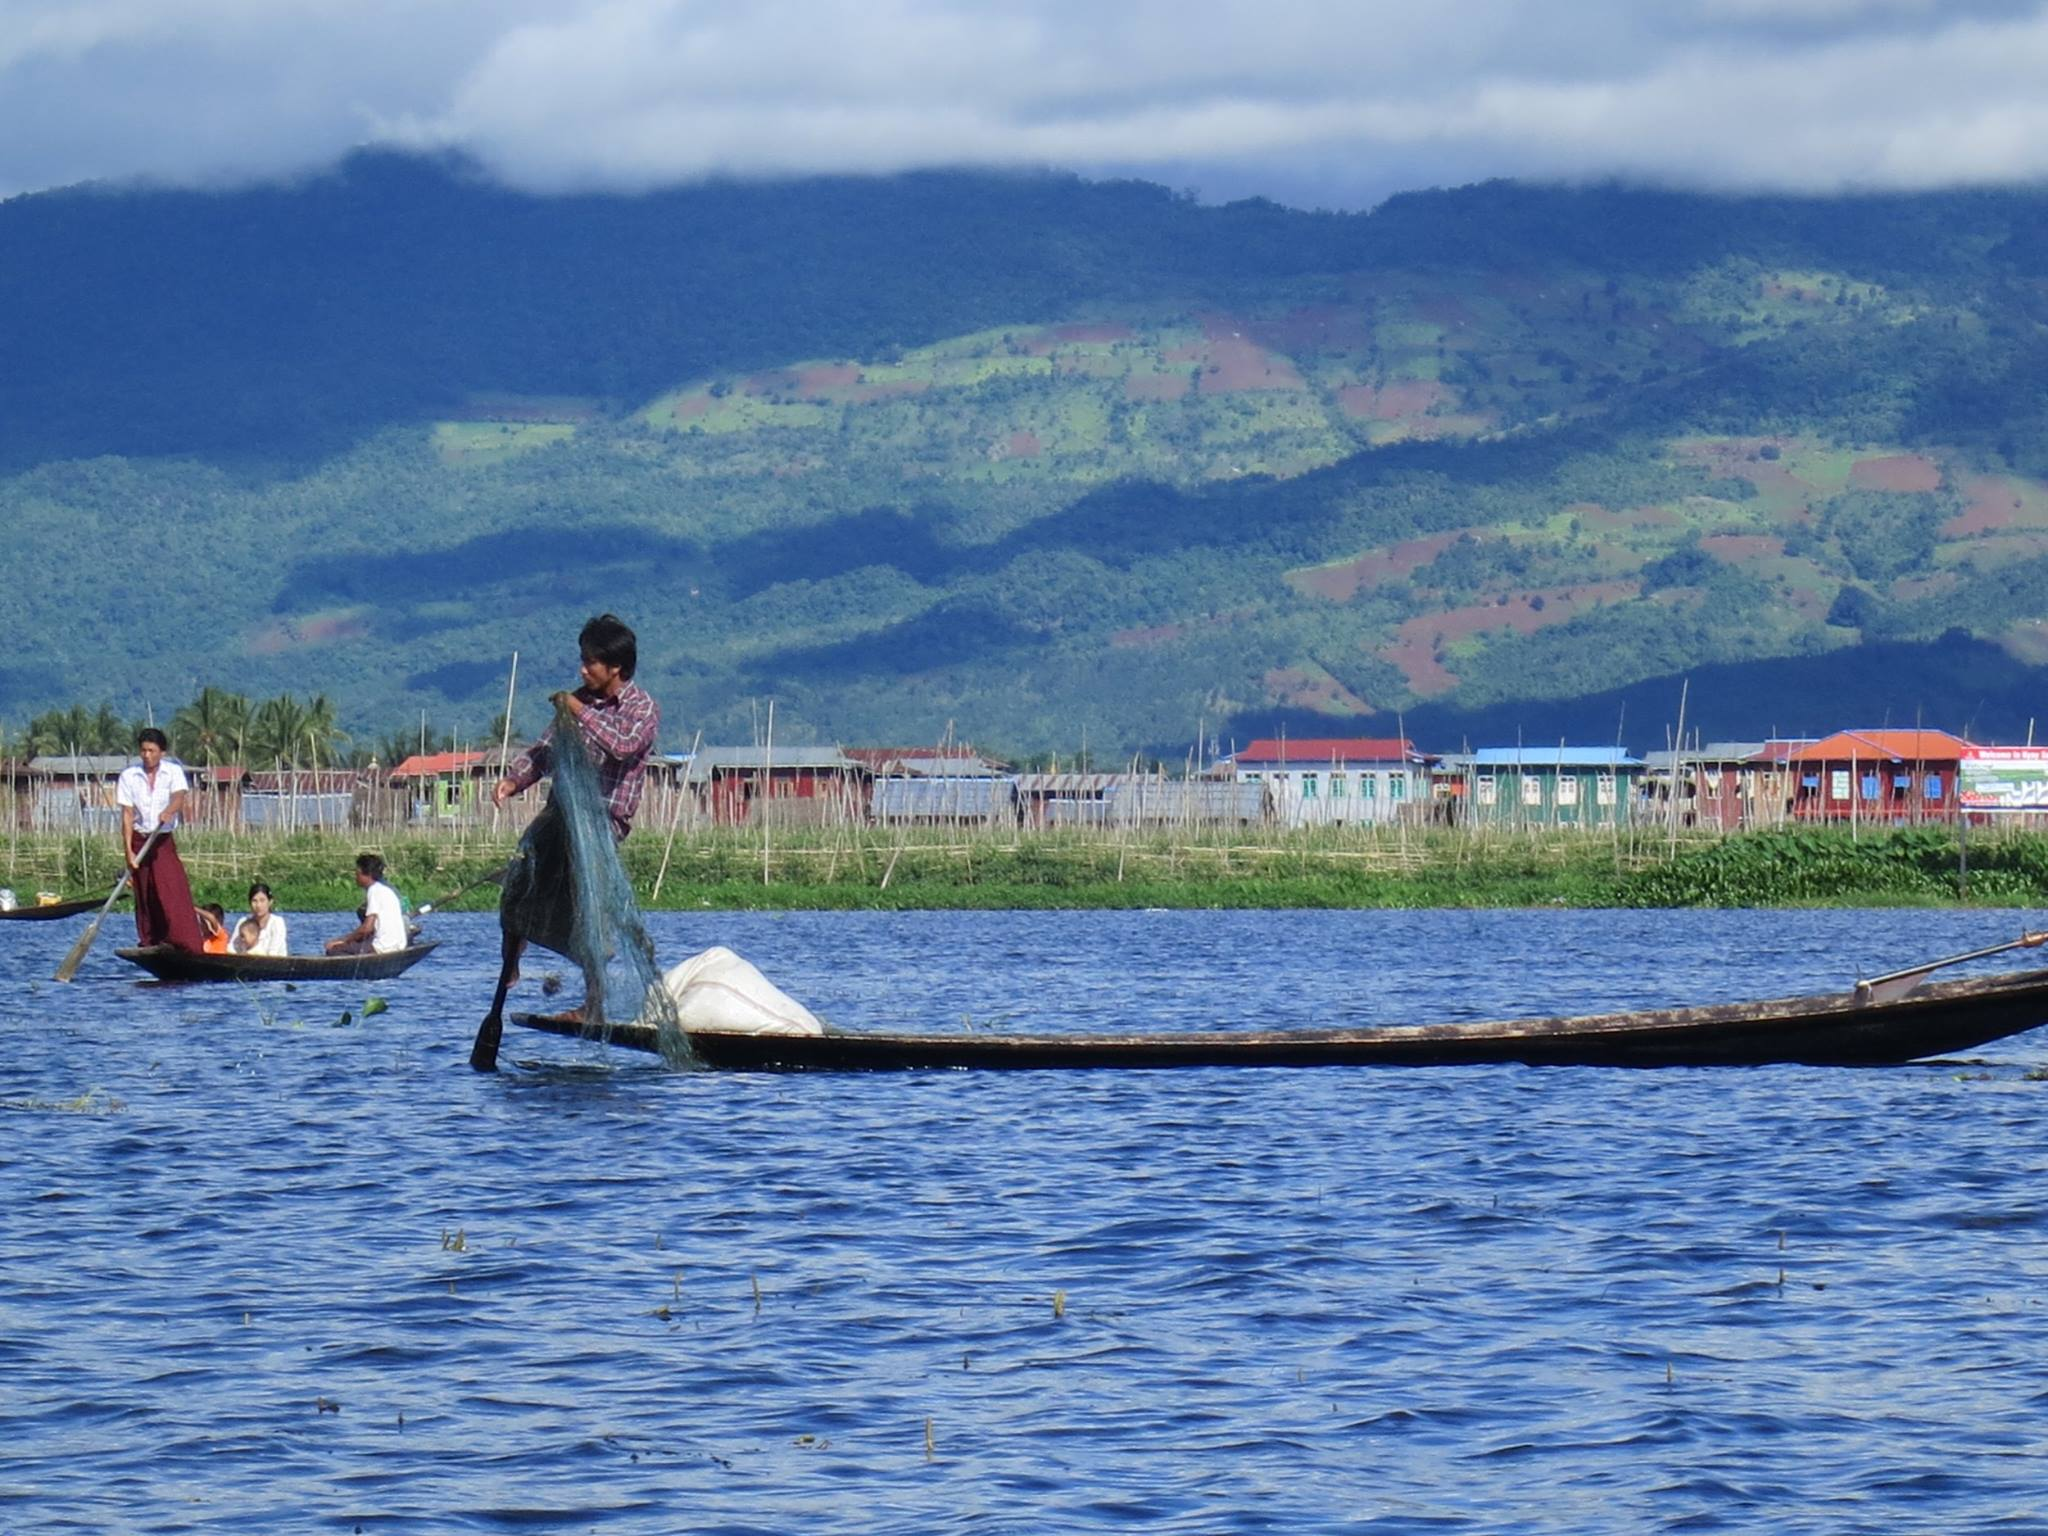 A Shan fisherman on Inle Lake, Myanmar